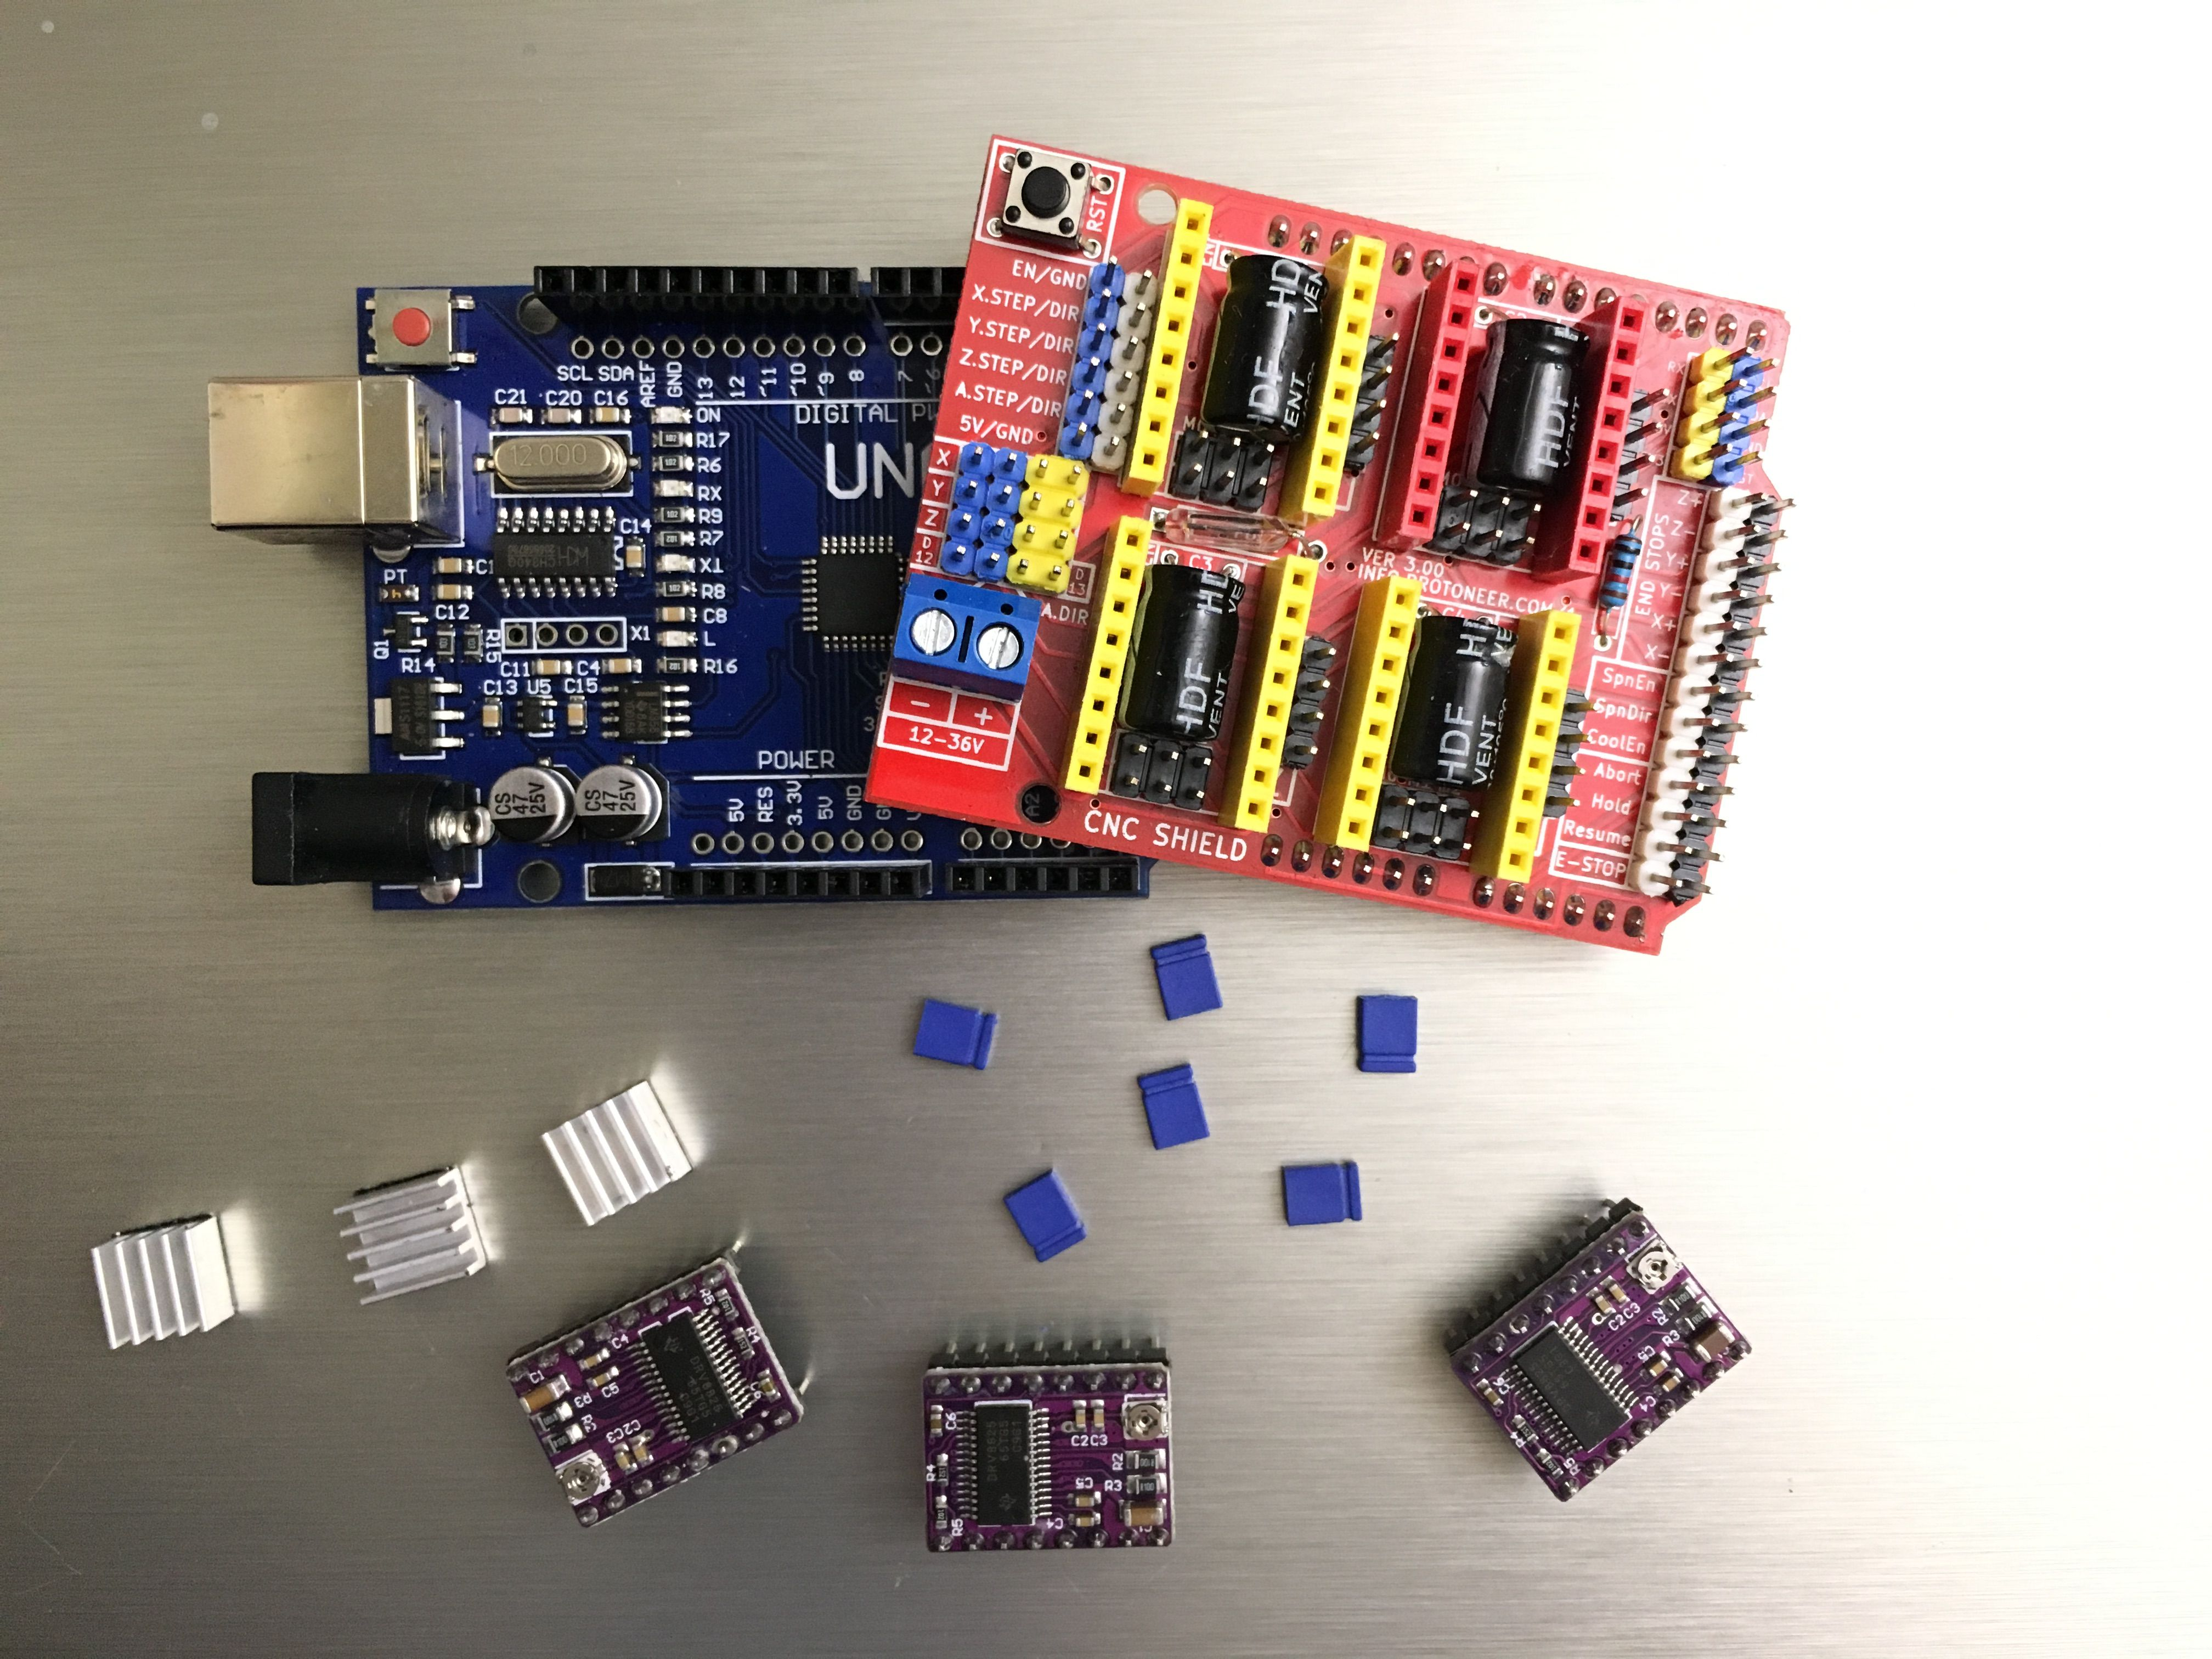 CNC Steuerung mit Arduino UNO R3, CNC Shield V3 (Expansion